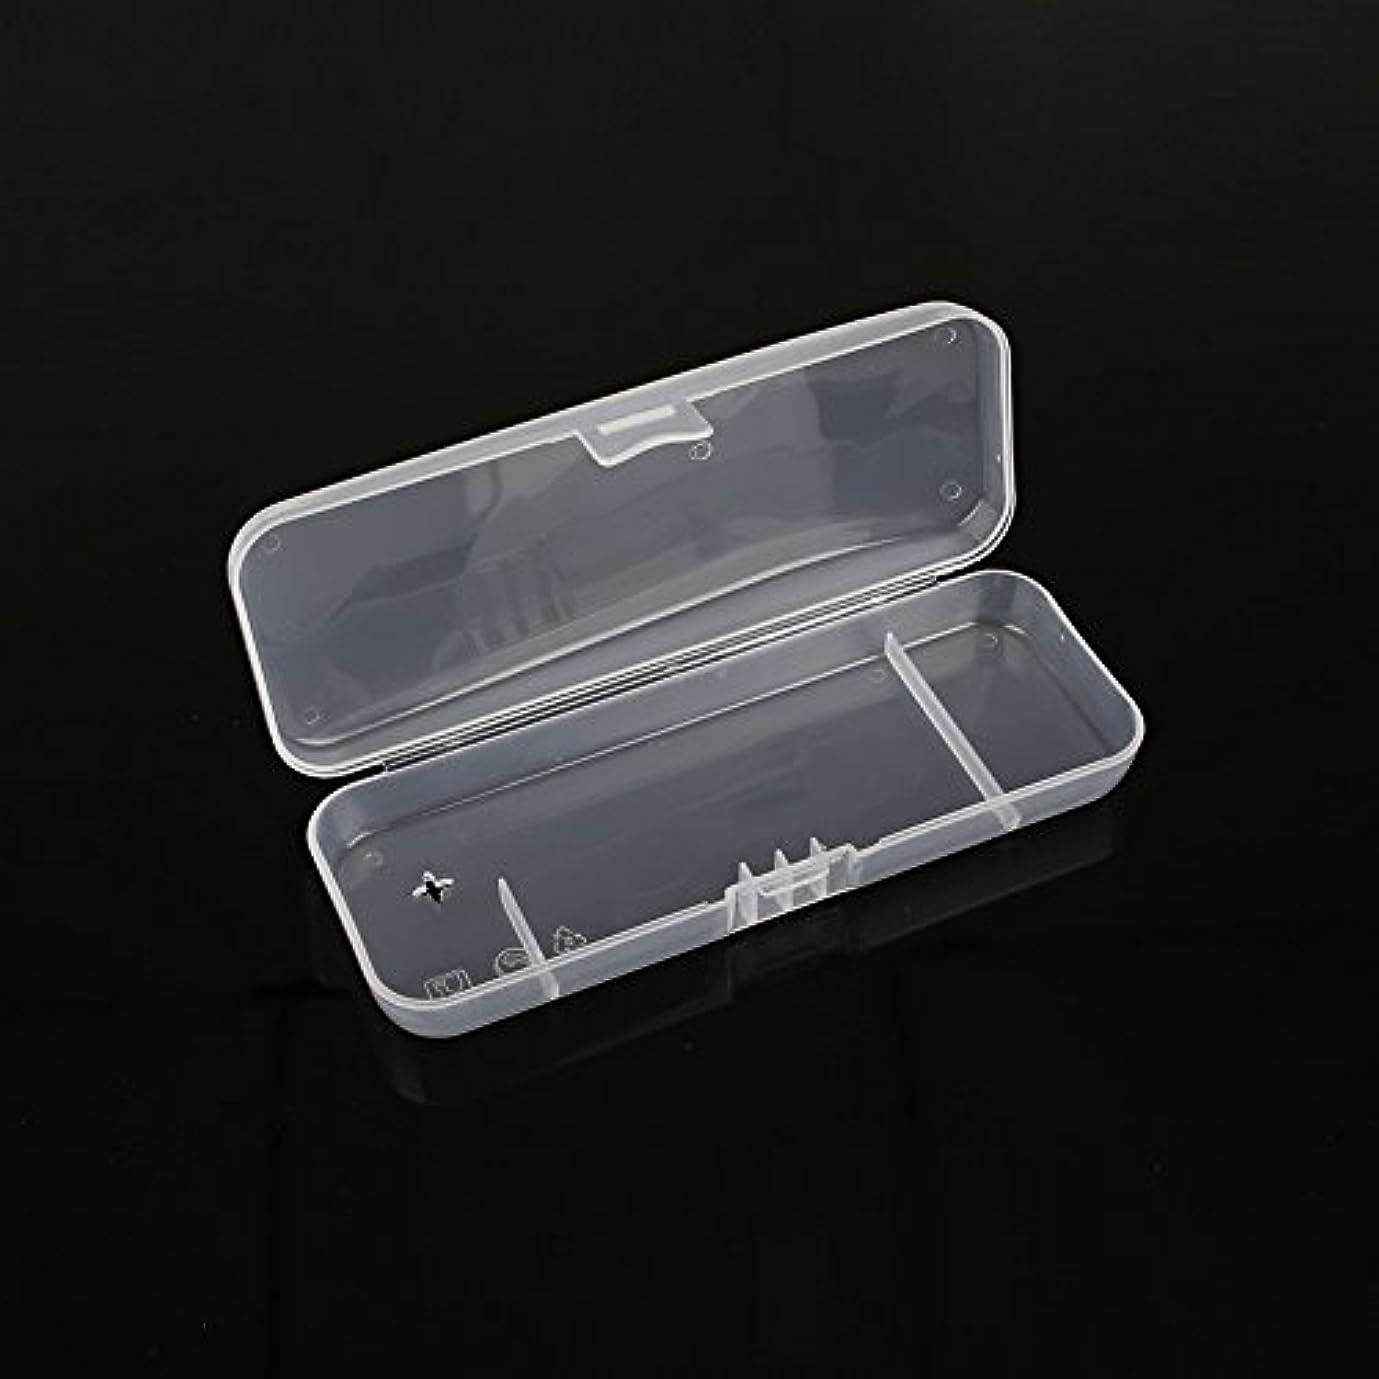 ブレーキ大学院アルカイックキコード 白い透明 ポータブル シェービングボックス シェーバー用 トラベルレジャープロテクター